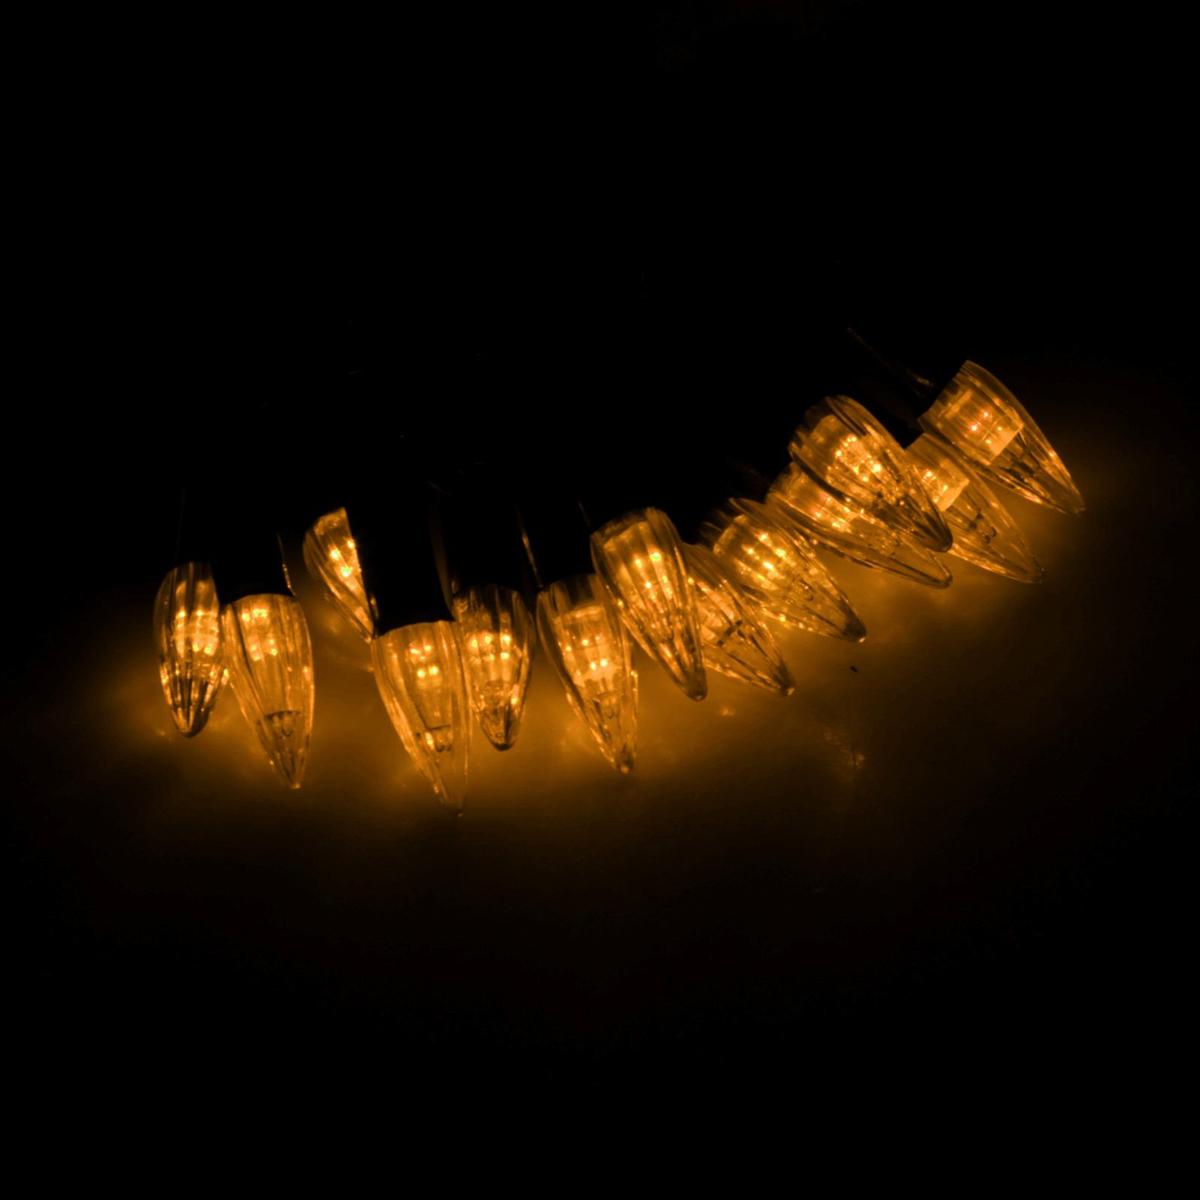 Гирлянда светодиодная Luazon Метраж. Свечки, уличная с насадкой, фиксинг, 40 ламп, 220 V, 5 м, цвет: желтый. 185552185552Светодиодные гирлянды, ленты и т.д. — это отличный вариант для новогоднего оформления интерьера или фасада. С их помощью помещение любого размера можно превратить в праздничный зал, а внешние элементы зданий, украшенные ими, мгновенно станут напоминать очертания сказочного дворца. Такие украшения создают ауру предвкушения чуда. Деревья, фасады, витрины, окна и арки будто специально созданы, чтобы вы украсили их светящимися нитями.